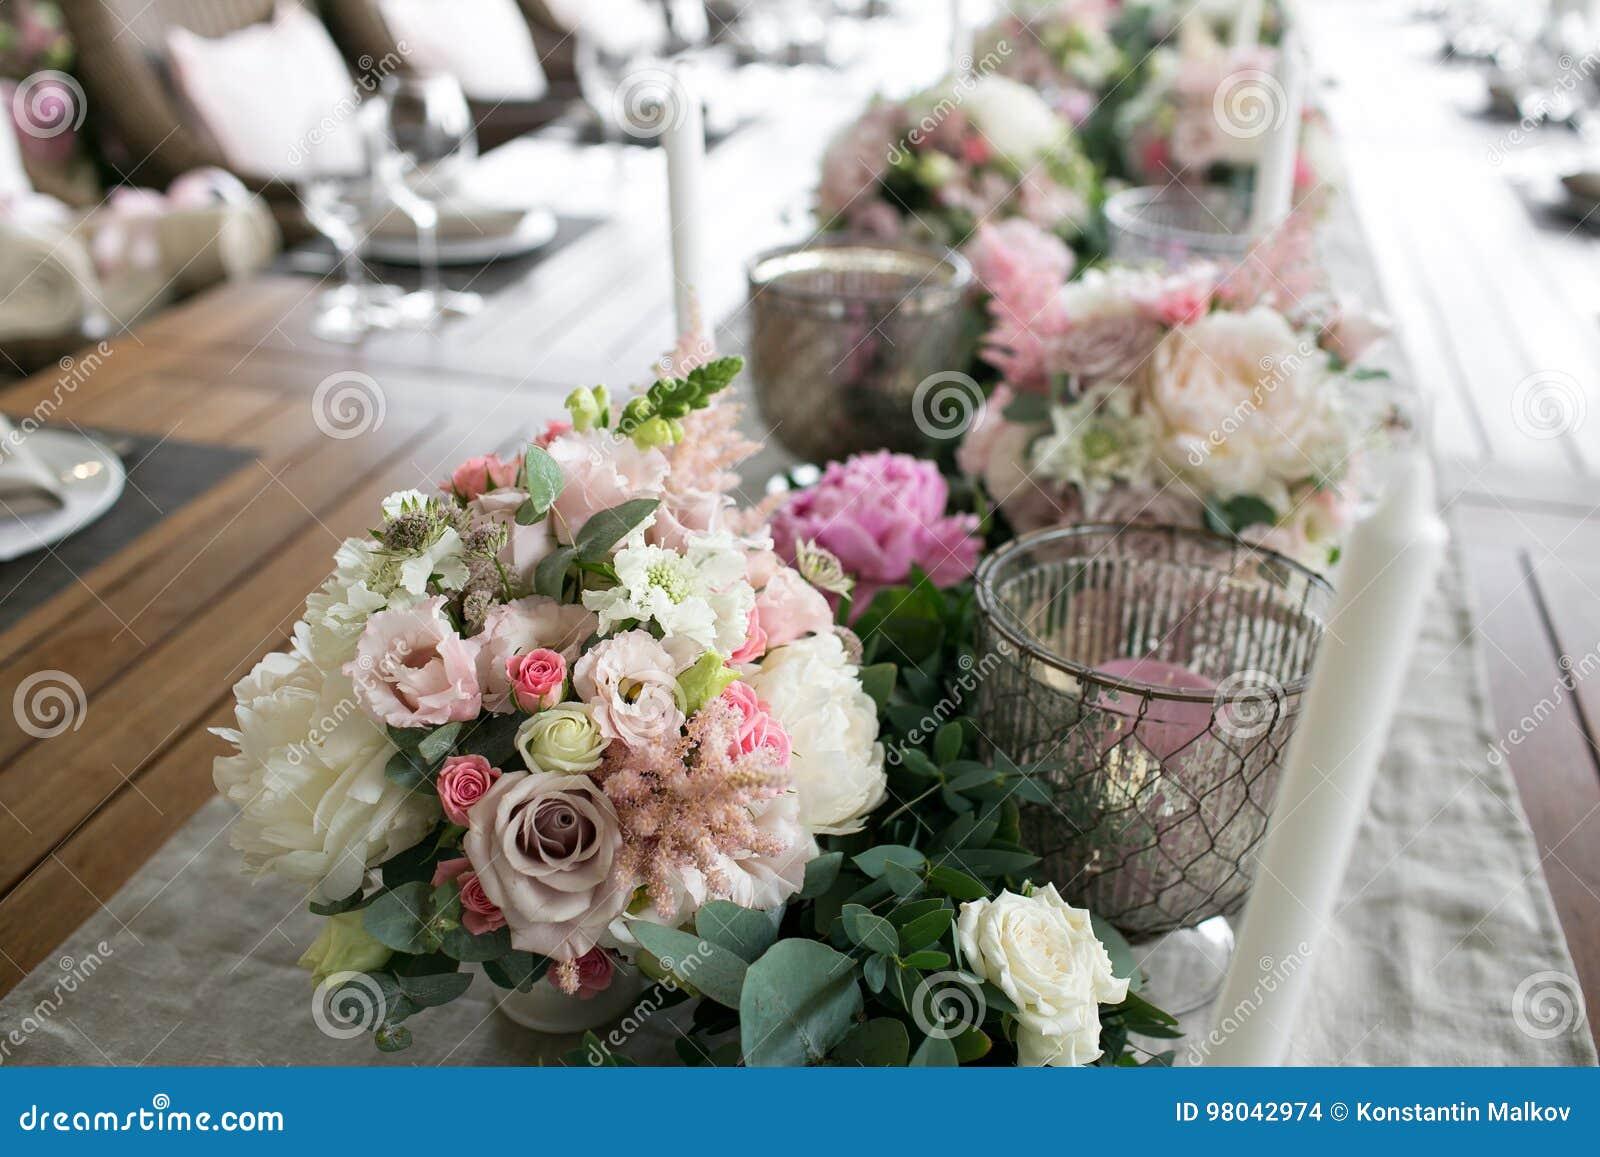 Bon Luxe, Disposition élégante De Table De Réception De Mariage, Pièce  Maîtresse Florale